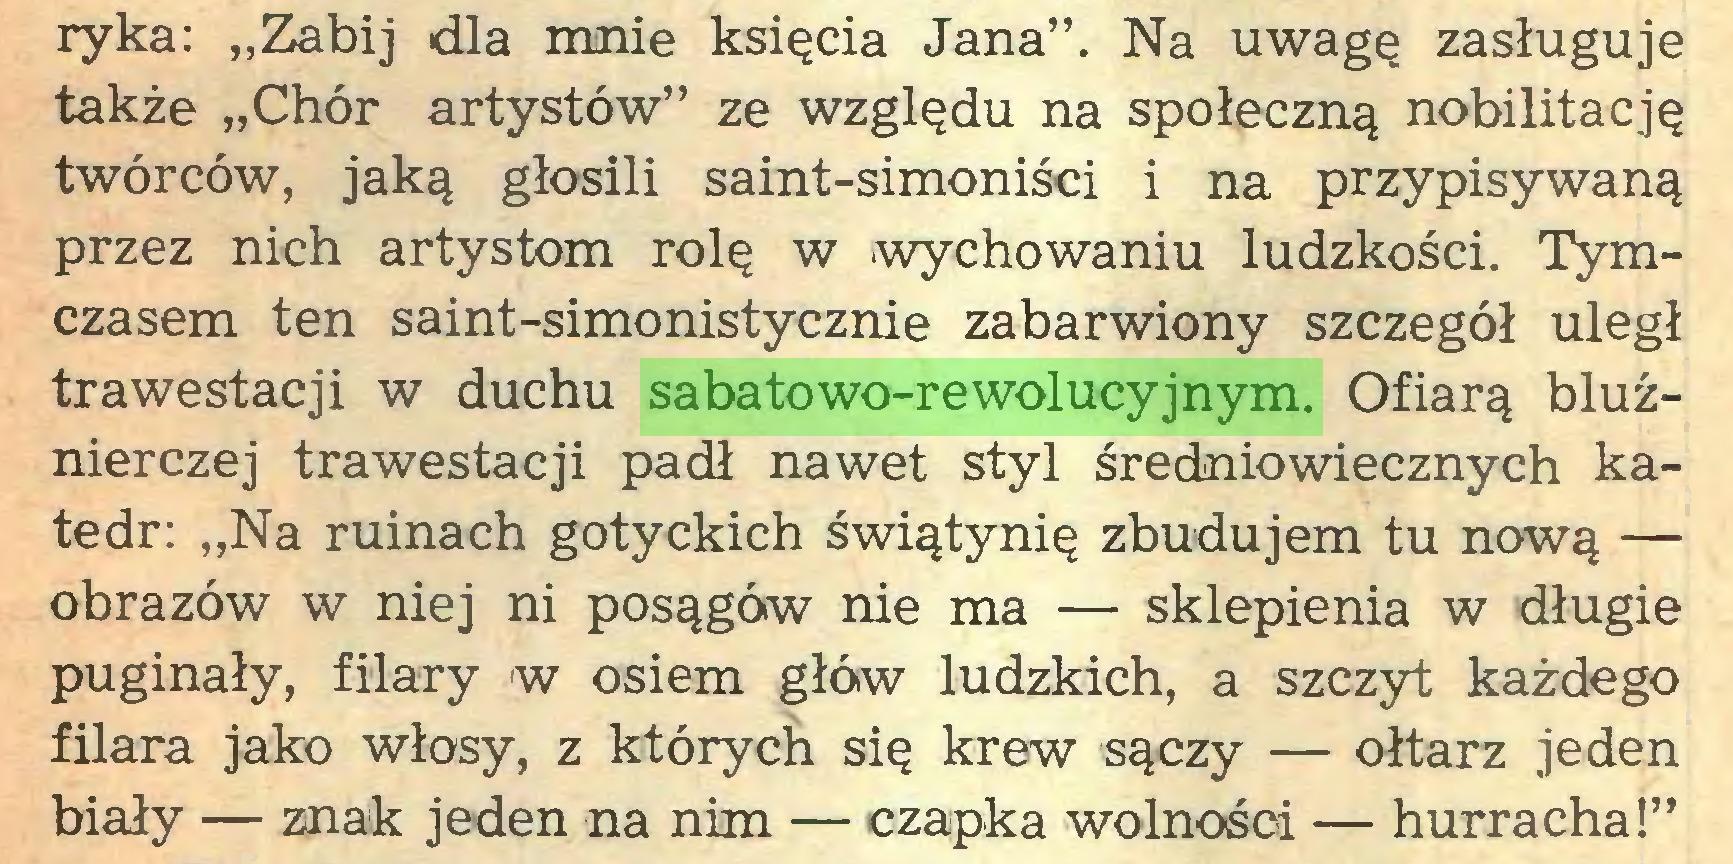 """(...) ryka: """"Zabij dla mnie księcia Jana"""". Na uwagę zasługuje także """"Chór artystów"""" ze wzglądu na społeczną nobilitacją twórców, jaką głosili saint-simoniści i na przypisywaną przez nich artystom rolę w .wychowaniu ludzkości. Tymczasem ten saint-simonistycznie zabarwiony szczegół uległ trawestacji w duchu sabatowo-rewolucyjnym. Ofiarą bluźnierczej trawestacji padł nawet styl średniowiecznych katedr: """"Na ruinach gotyckich świątynię zbudujem tu nową — obrazów w niej ni posągów nie ma — sklepienia w długie puginały, filary w osiem głów ludzkich, a szczyt każdego filara jako włosy, z których się krew sączy — ołtarz jeden biały — znak jeden na nim — czapka wolności — hurracha!""""..."""